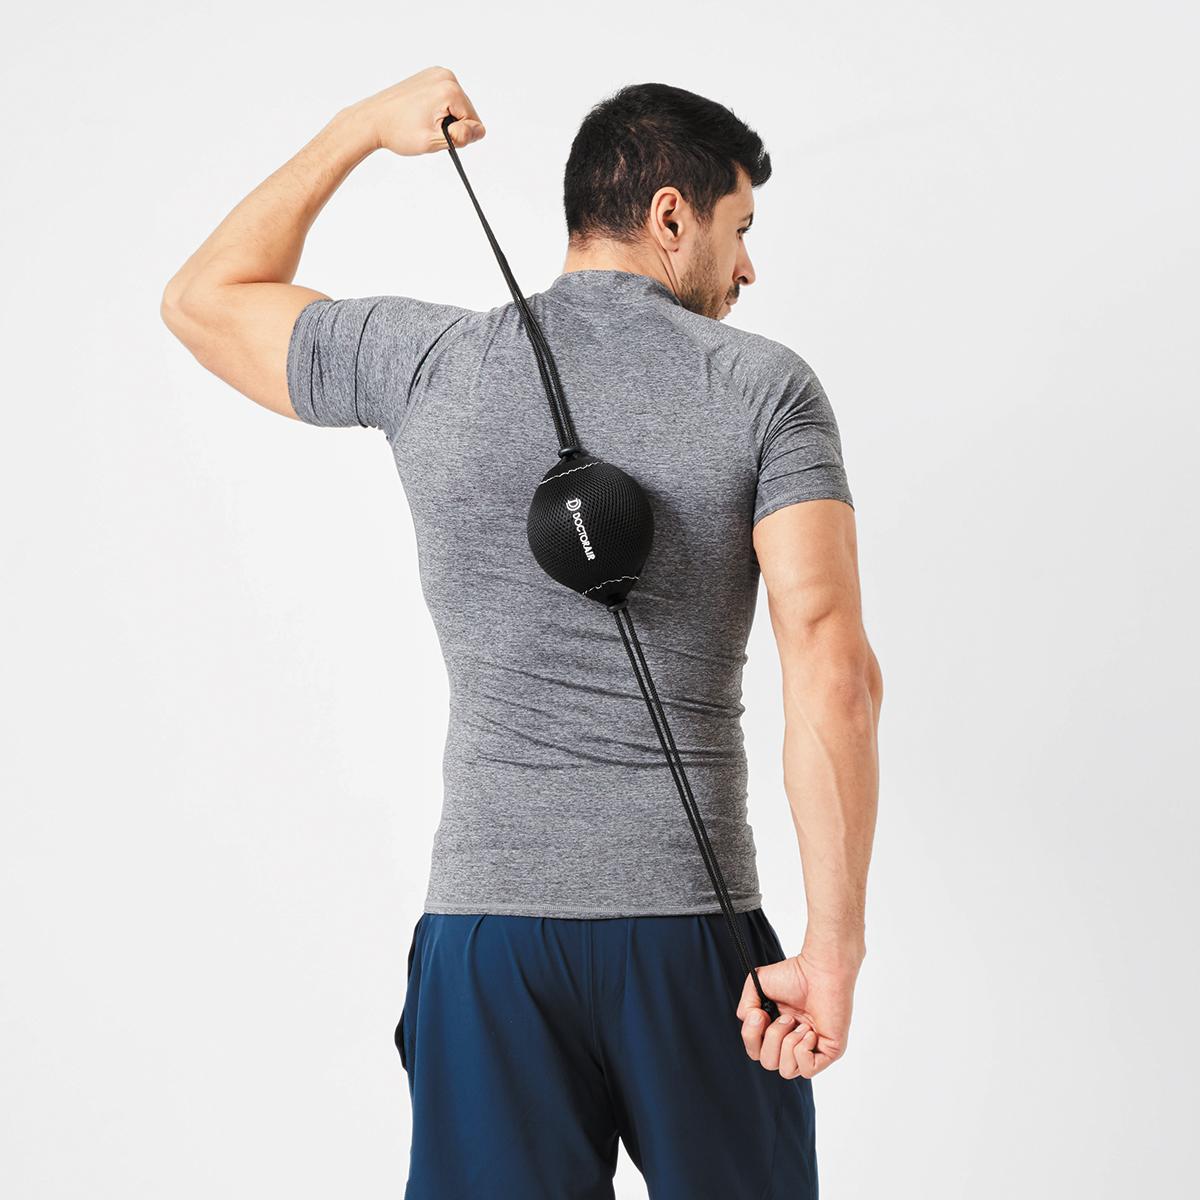 持ち手つきカバーのおかげで背中のどこでもラクに当てられるストレッチボール|Dr.Air 3Dコンディショニングボール